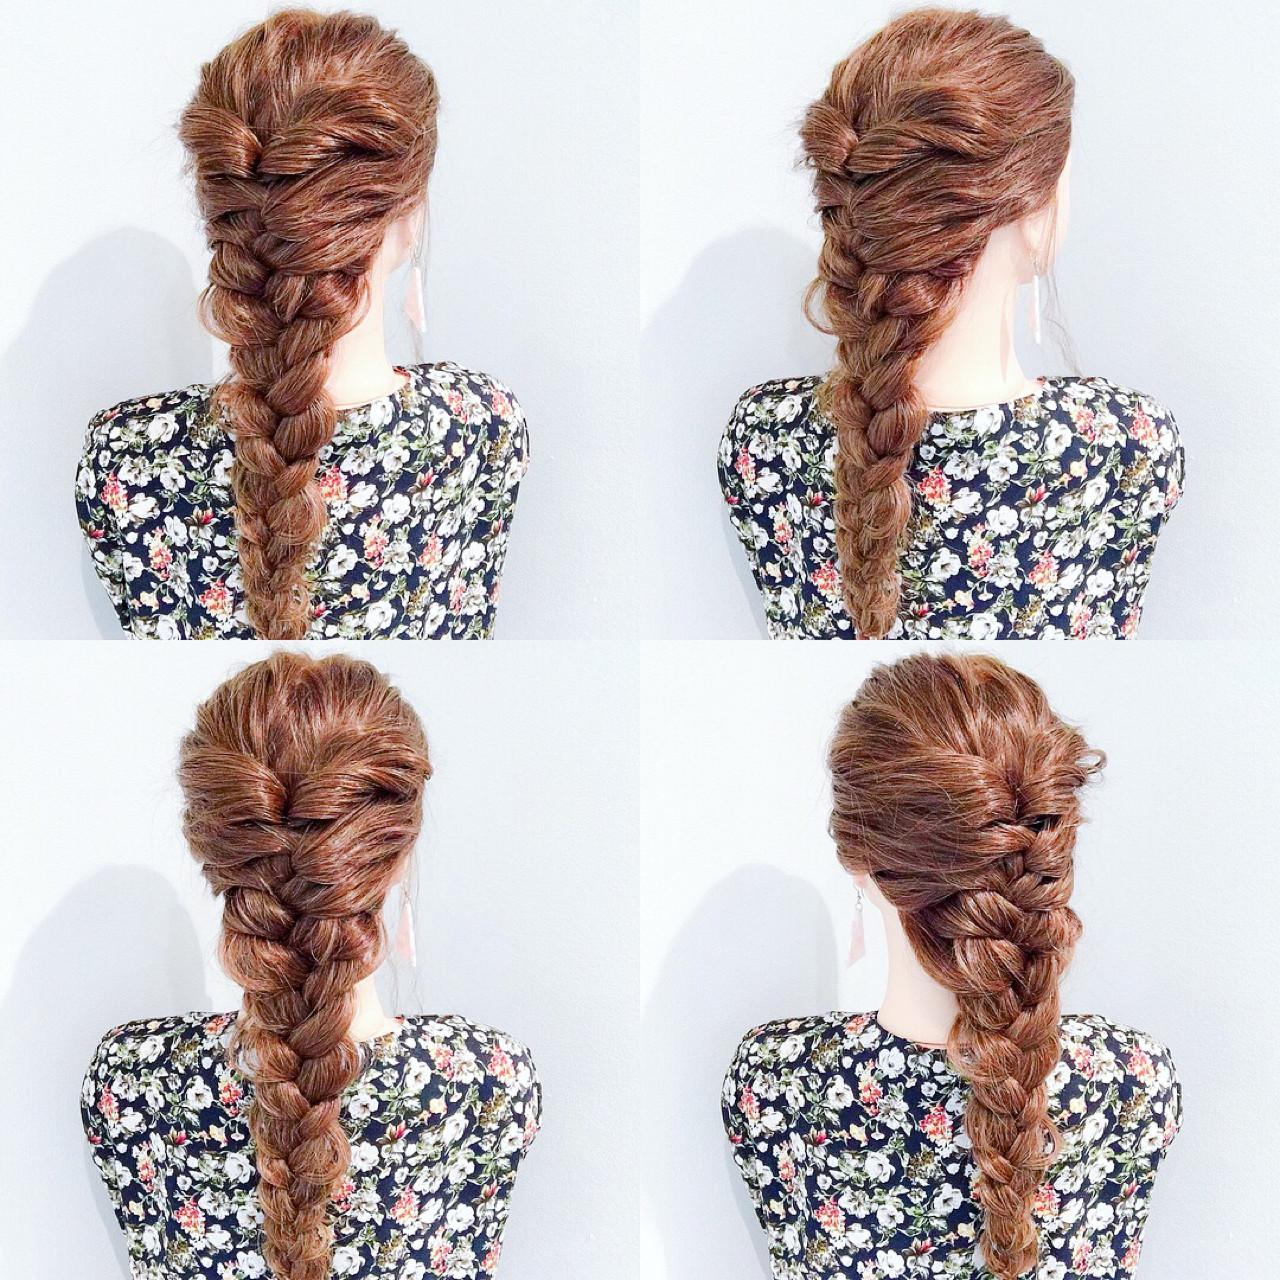 上品 デート 簡単ヘアアレンジ 涼しげ ヘアスタイルや髪型の写真・画像 | 美容師HIRO/Amoute代表 / Amoute/アムティ